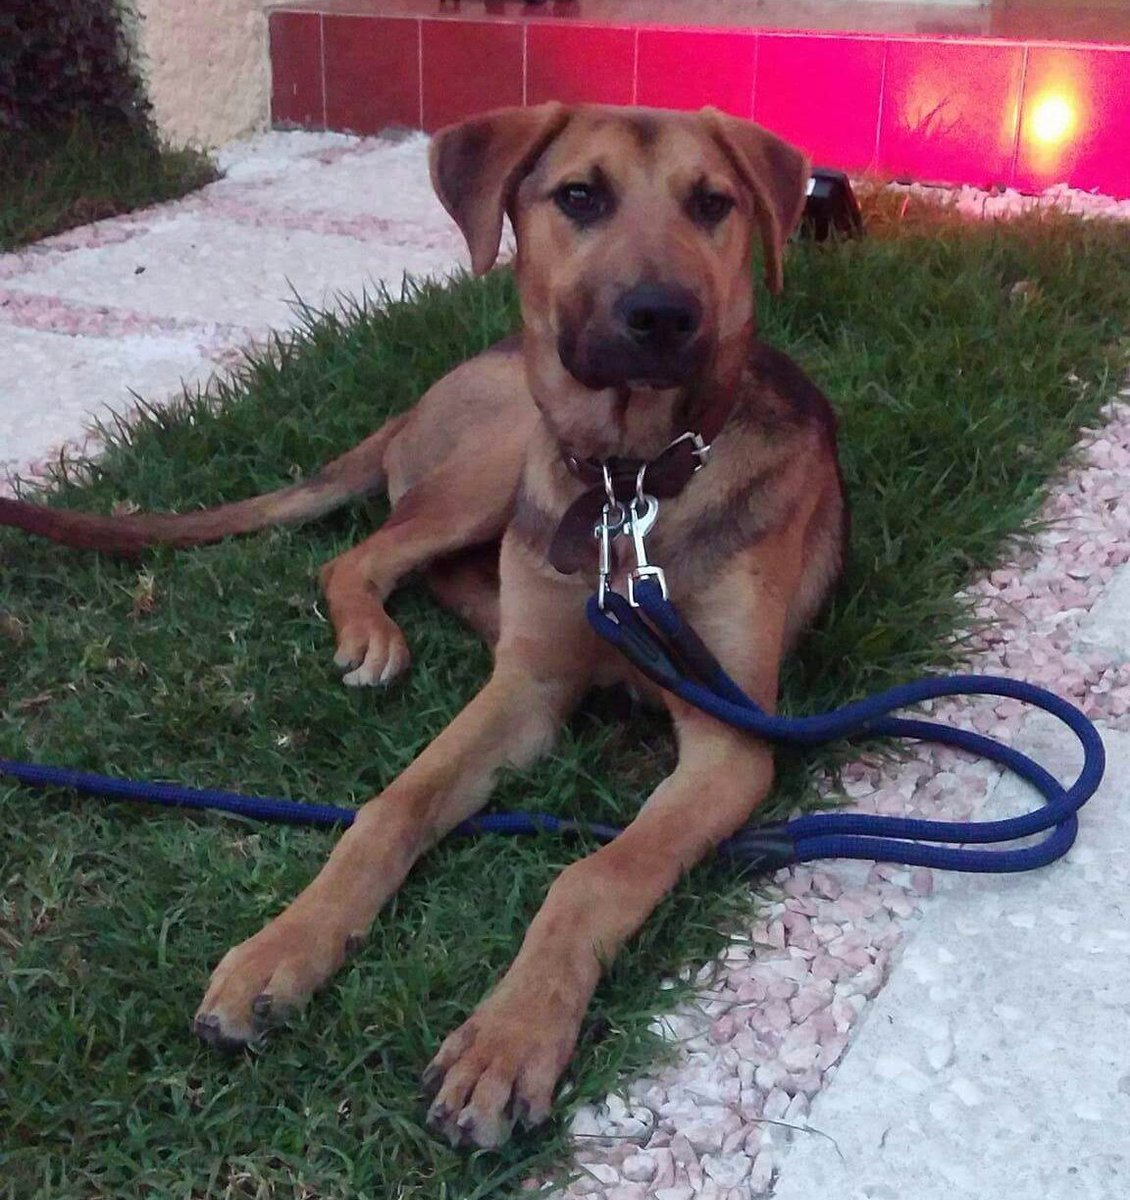 Perrito rescatado en adopcion... sus RTs son apreciados! https://t.co/WPftkVF7A6